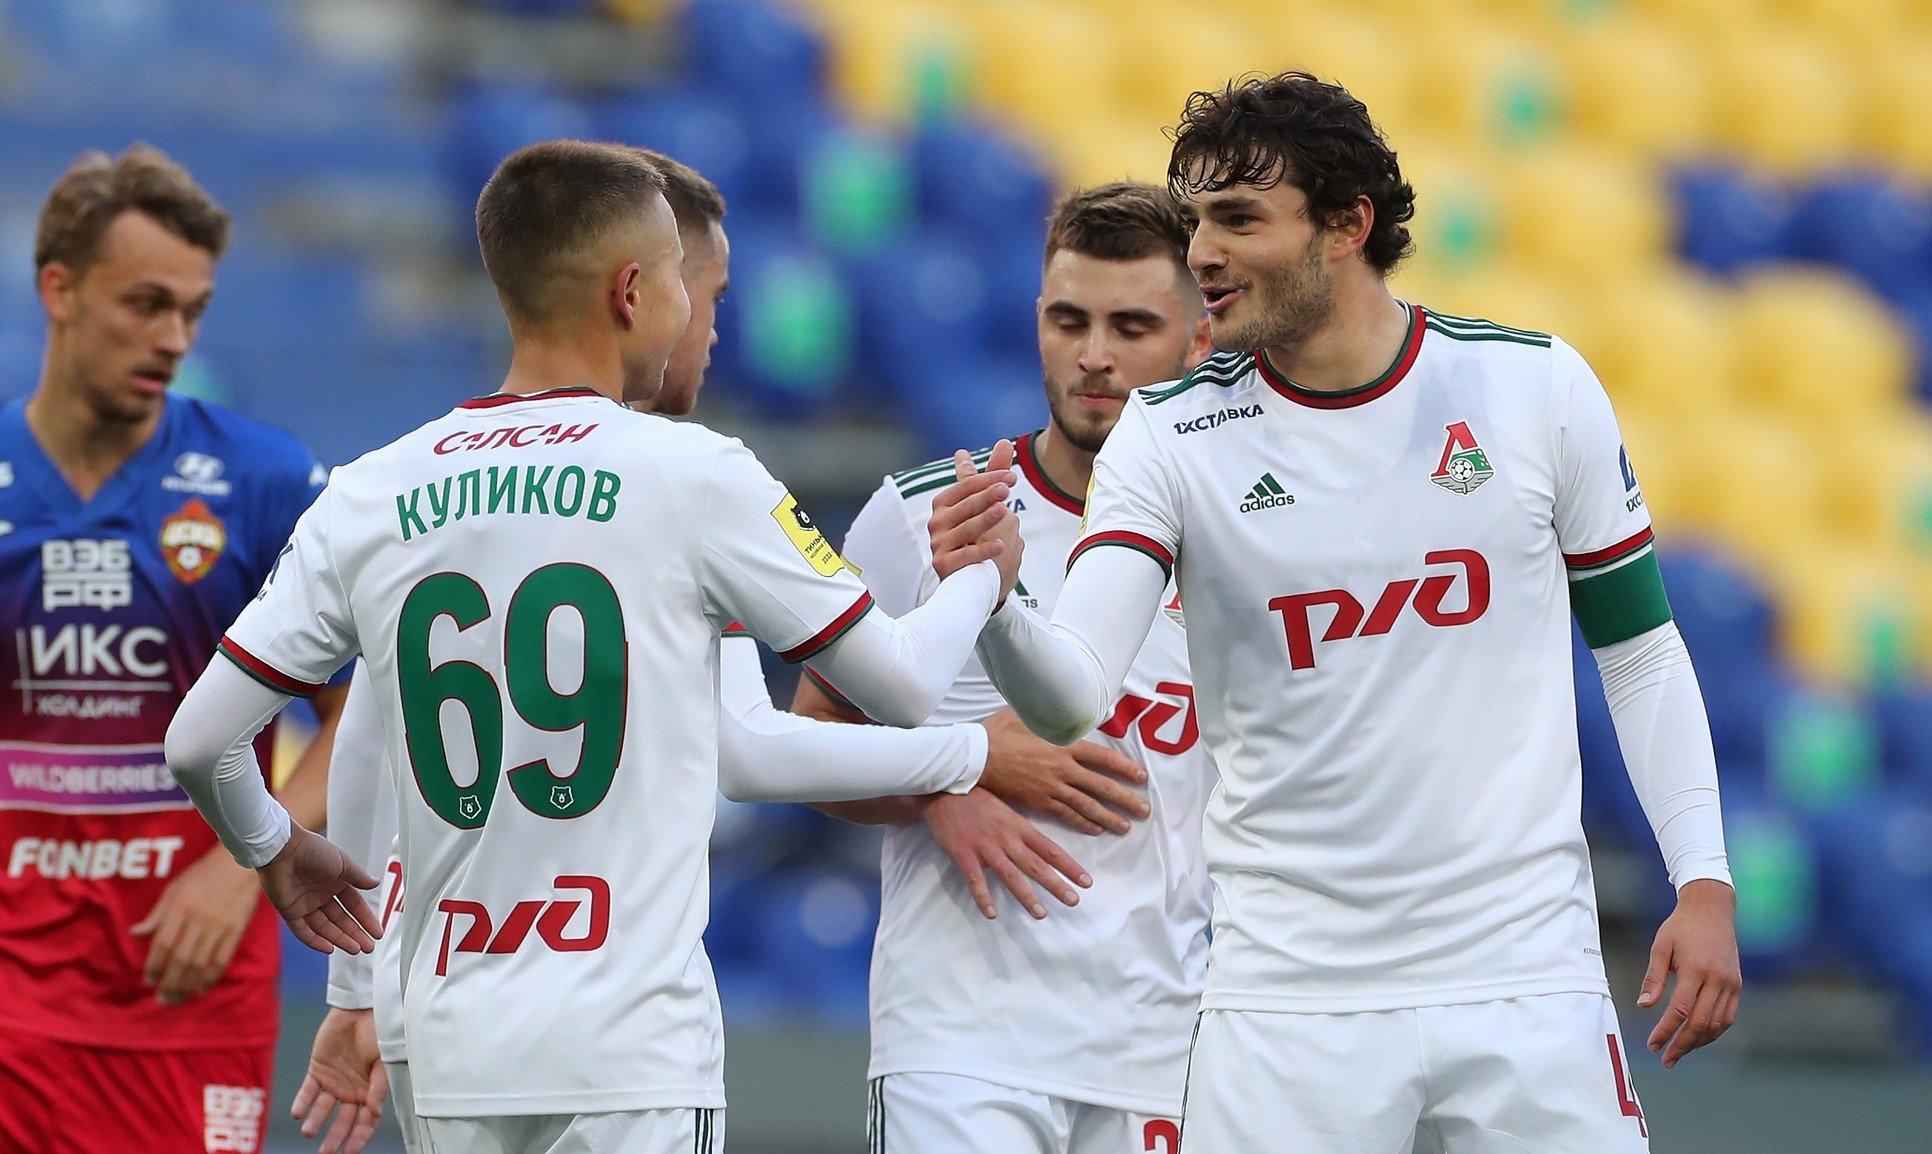 ЦСКА – «Локомотив» – 1:2. Товарищеская игра